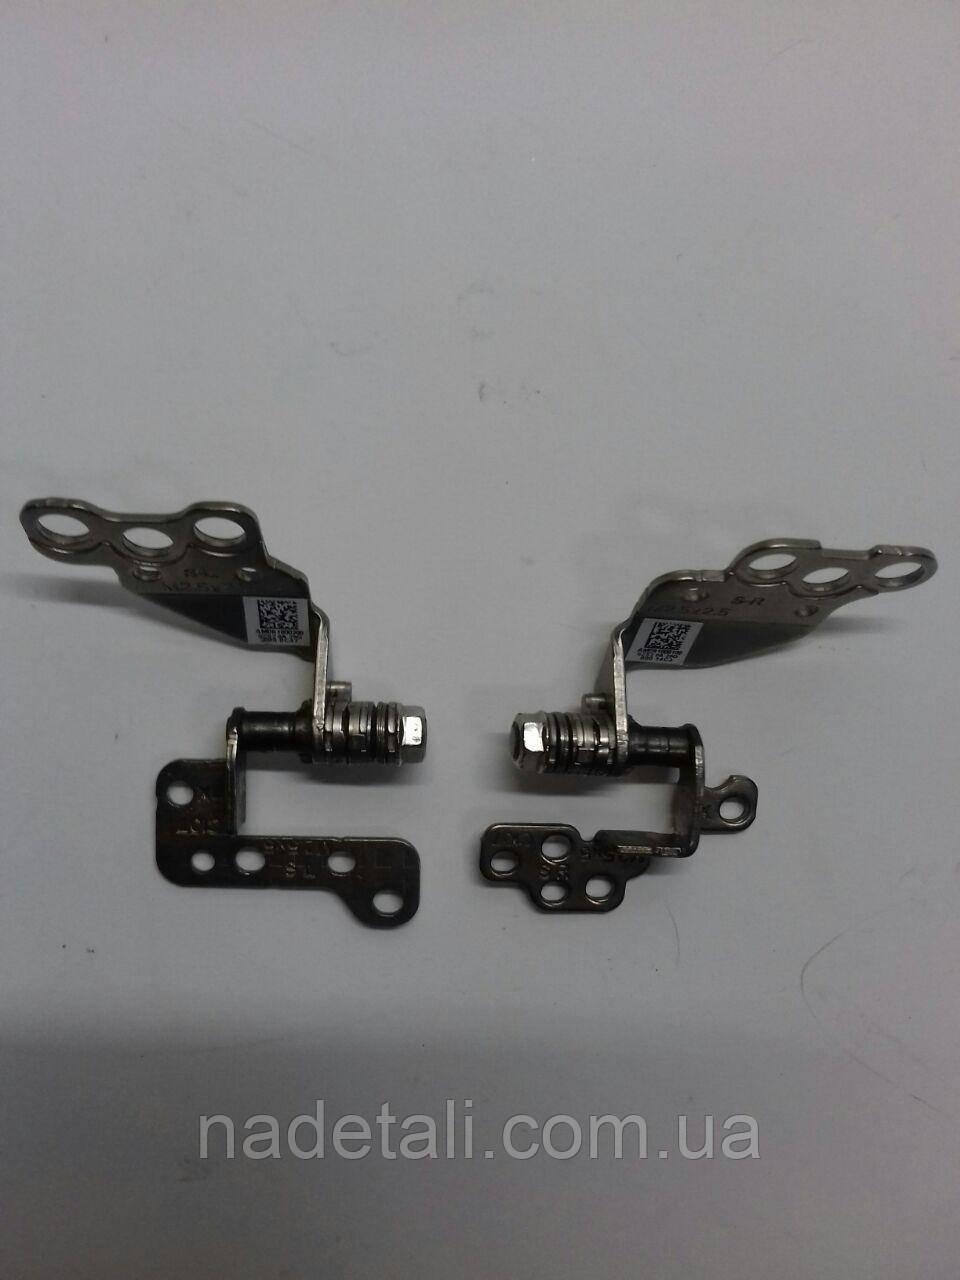 Петли HP Envym6 - 1000 seriesR+L